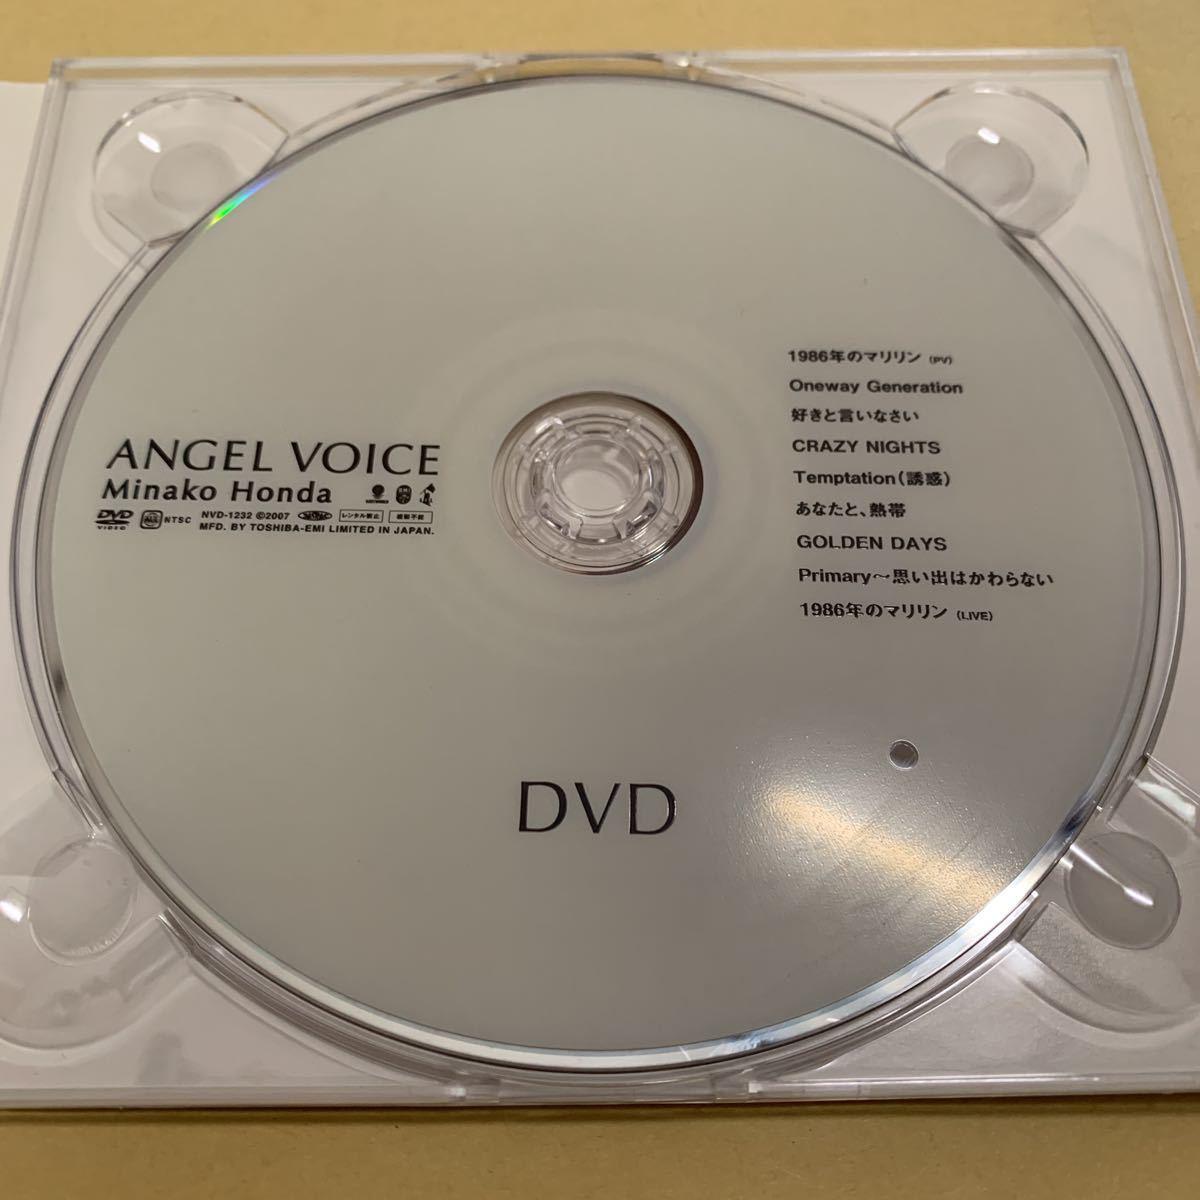 ☆帯付☆ 本田美奈子 / ANGEL VOICE メモリアル ・ベスト 2CD+DVD_画像7